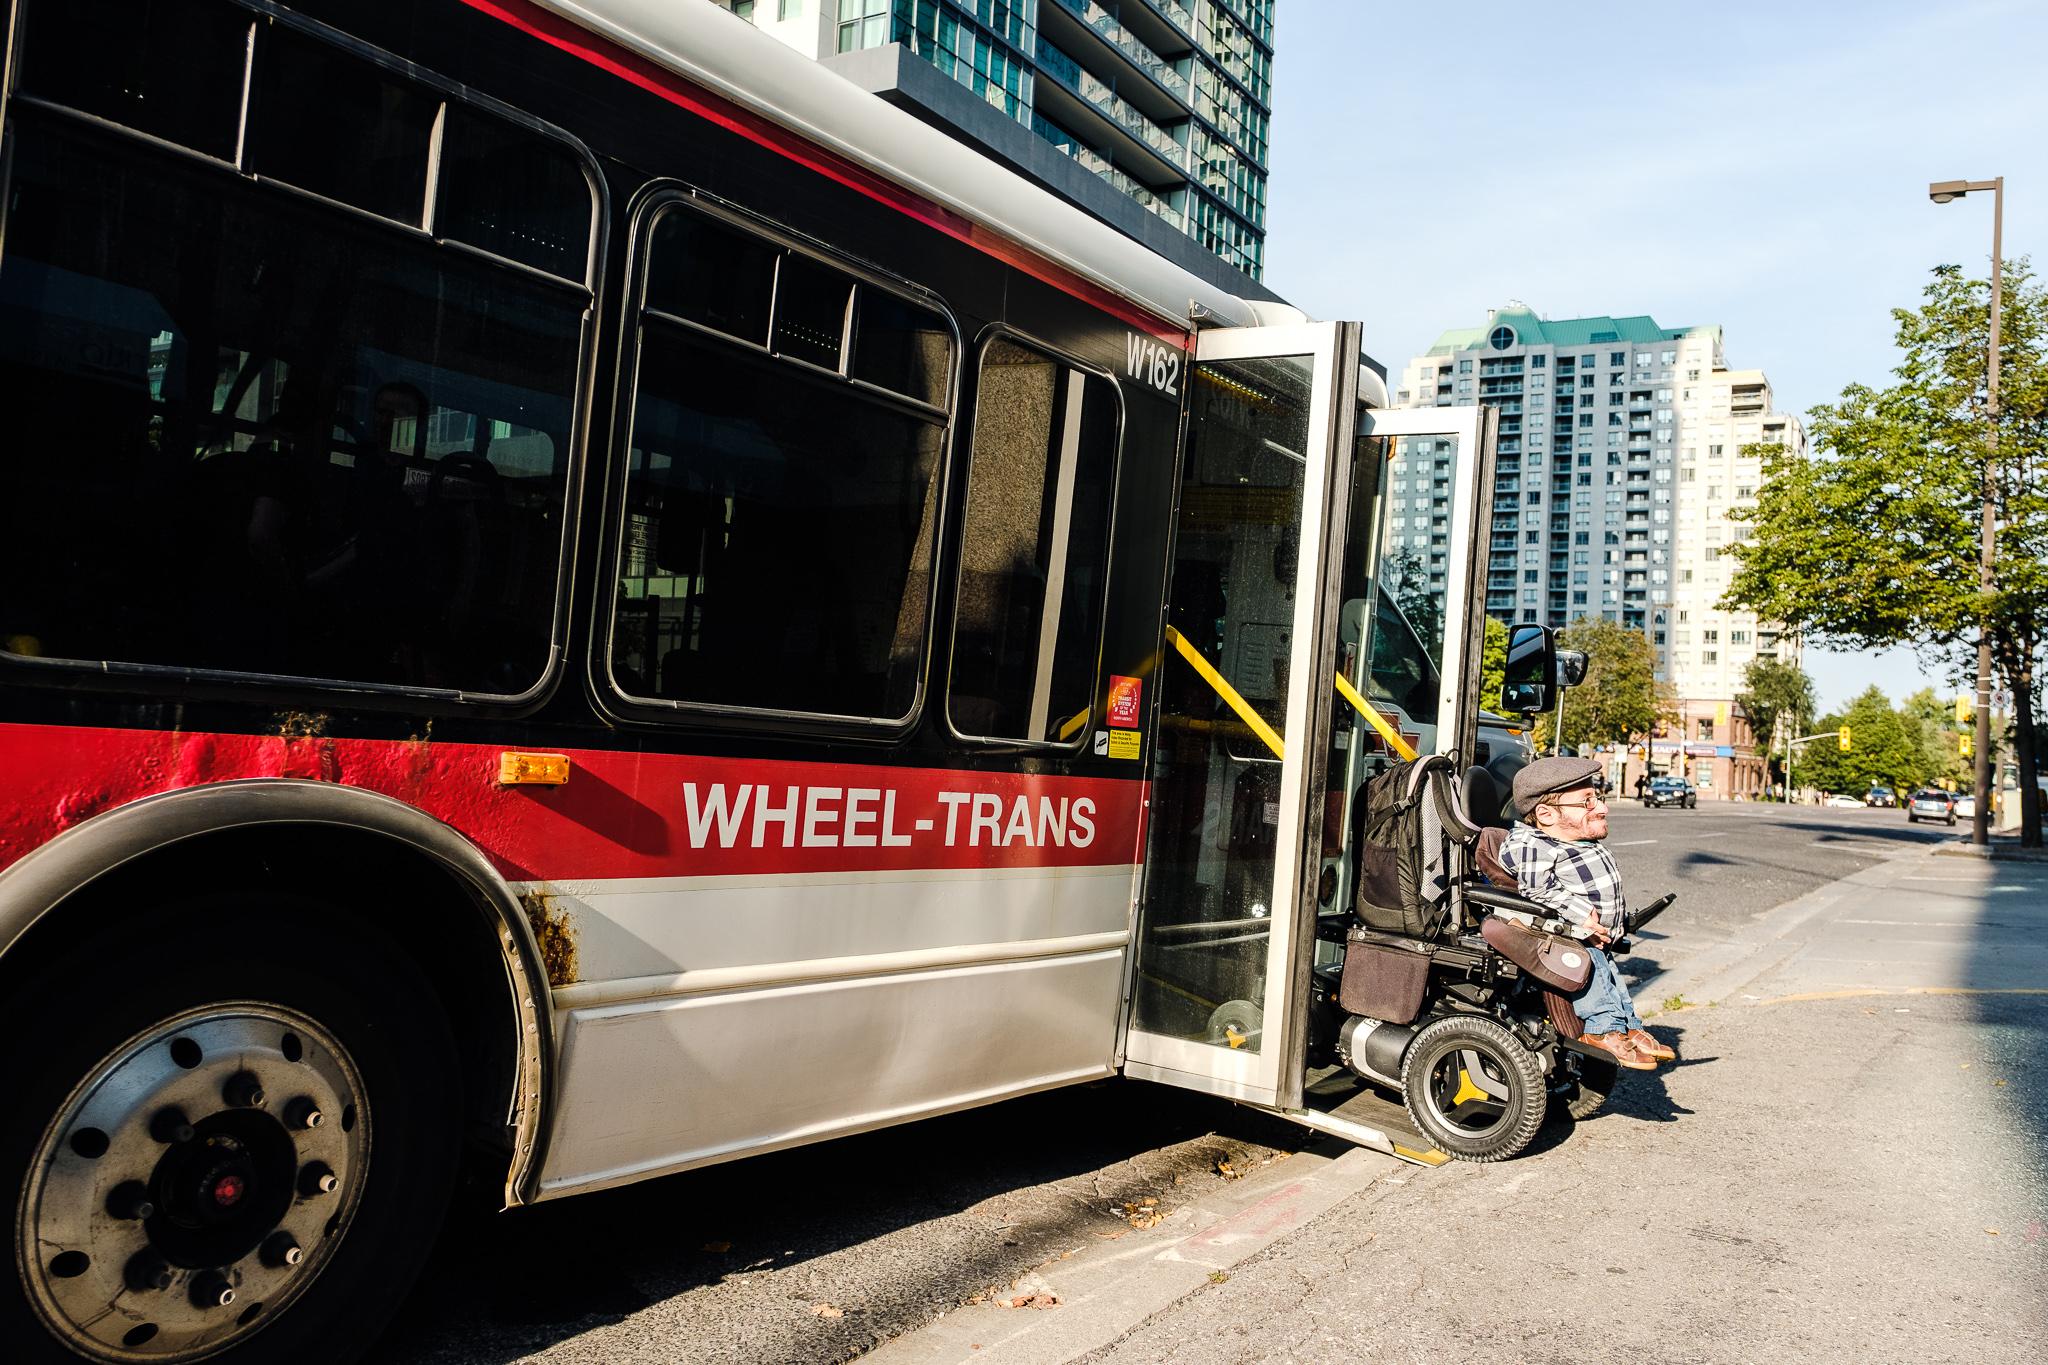 Der Fahrdienst bietet Platz für 3 Personen mit Rollstuhl und deren Begleitung.